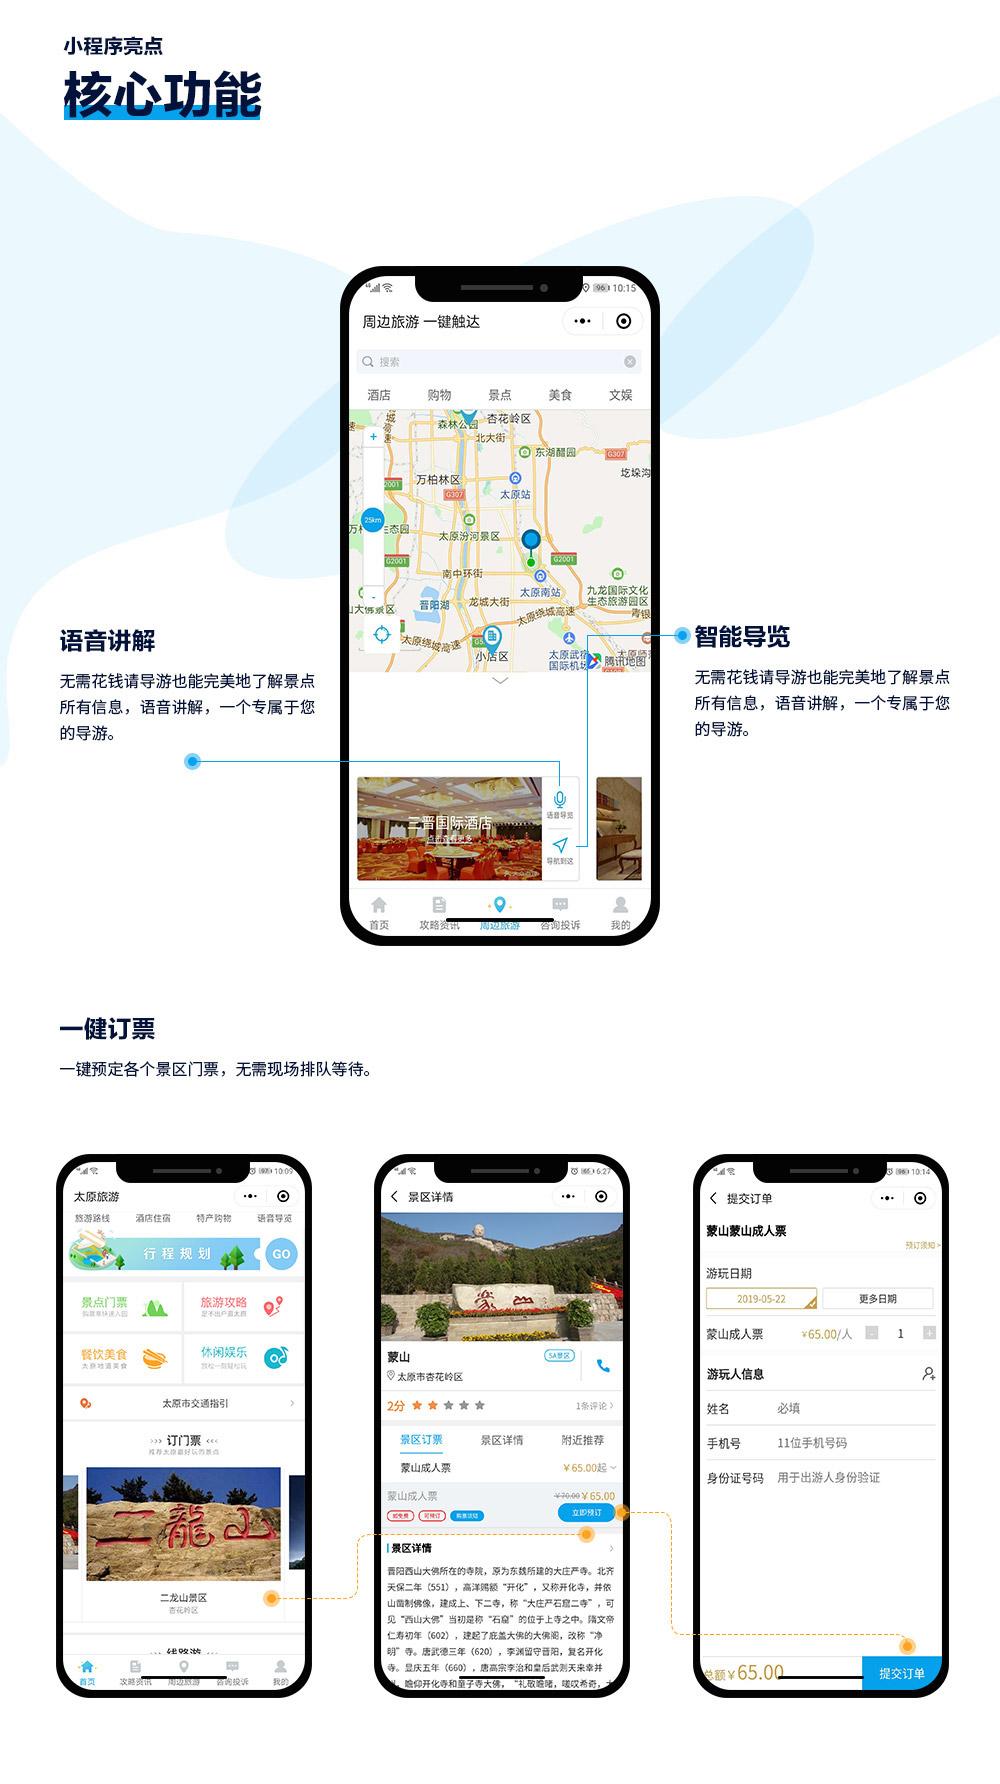 旅游宣传图_03.jpg